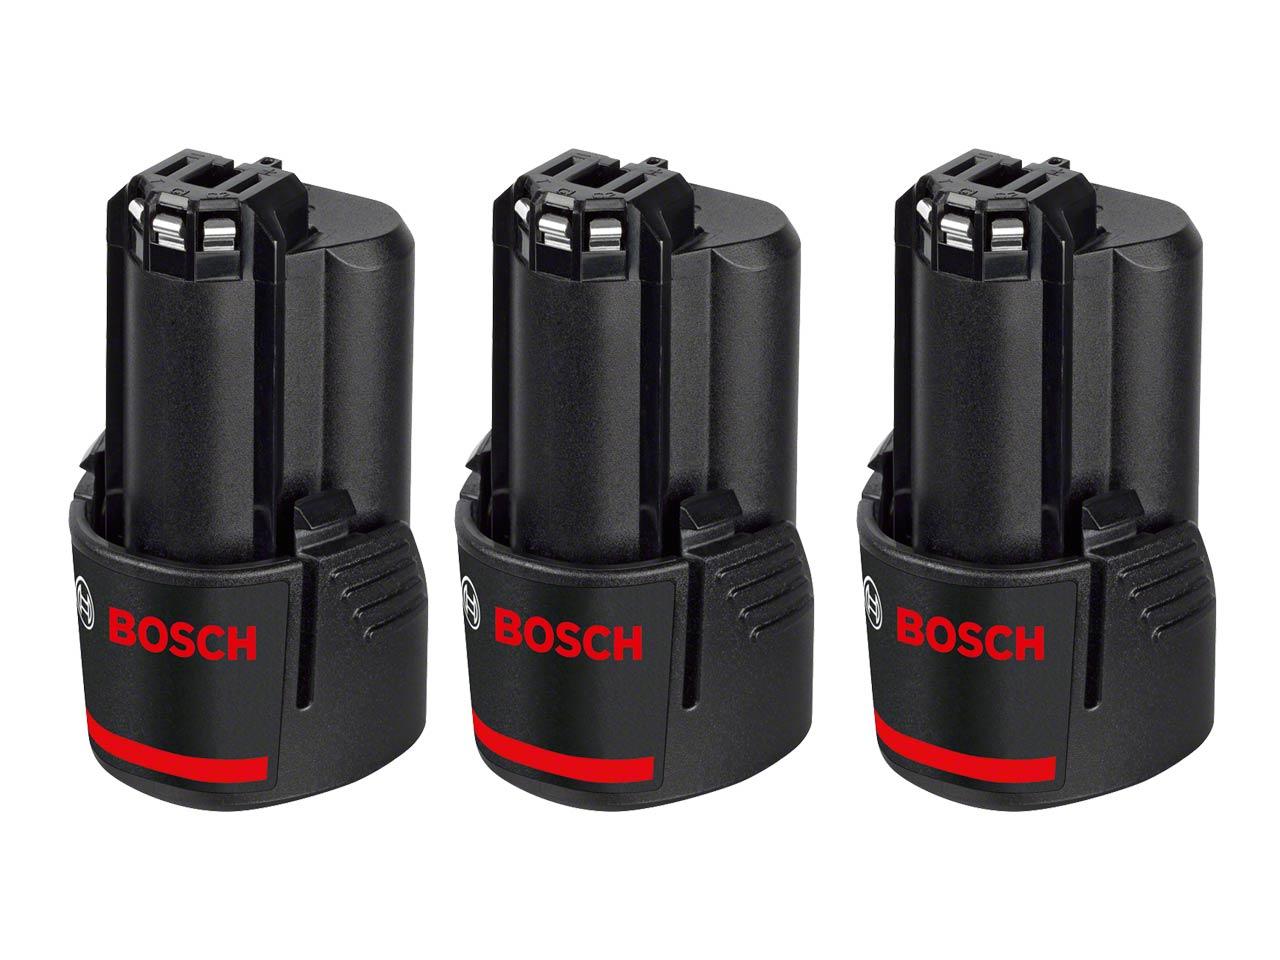 Bosch_1600Z0002X3.jpg